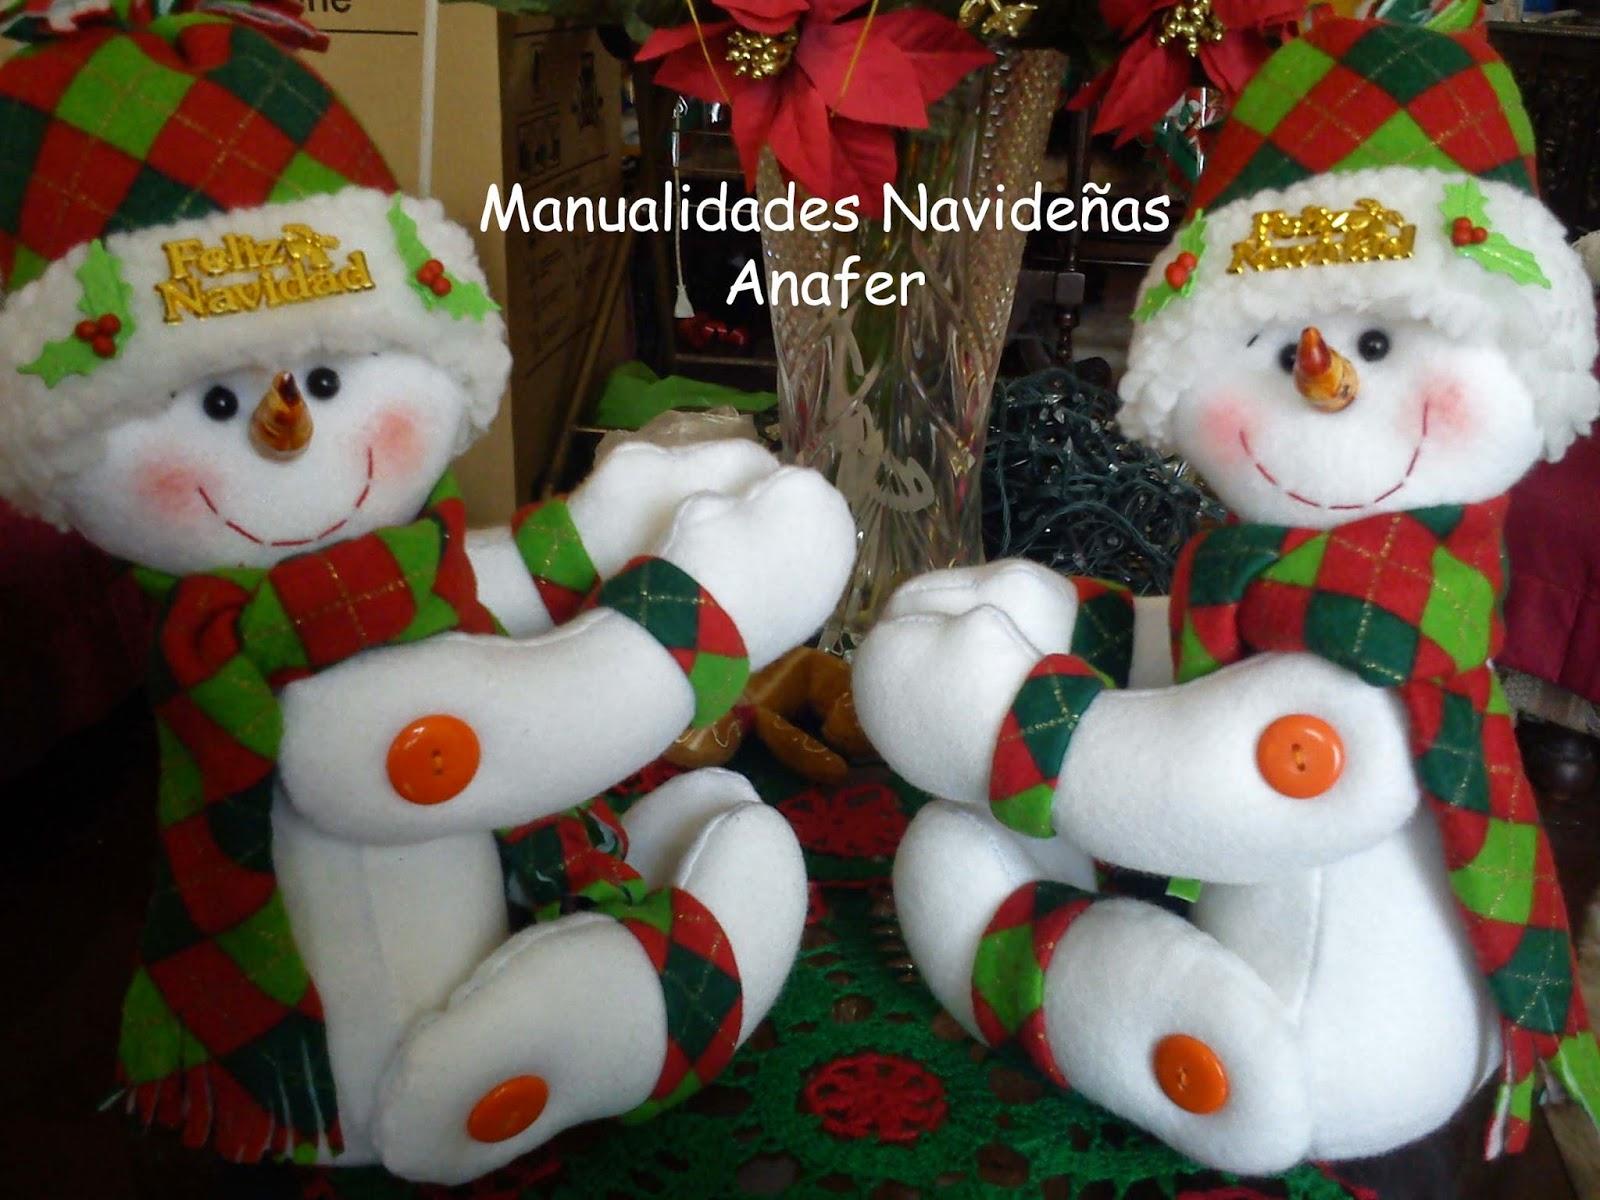 Manualidades anafer mu ecos cortineros for Manualidades de navidad 2016